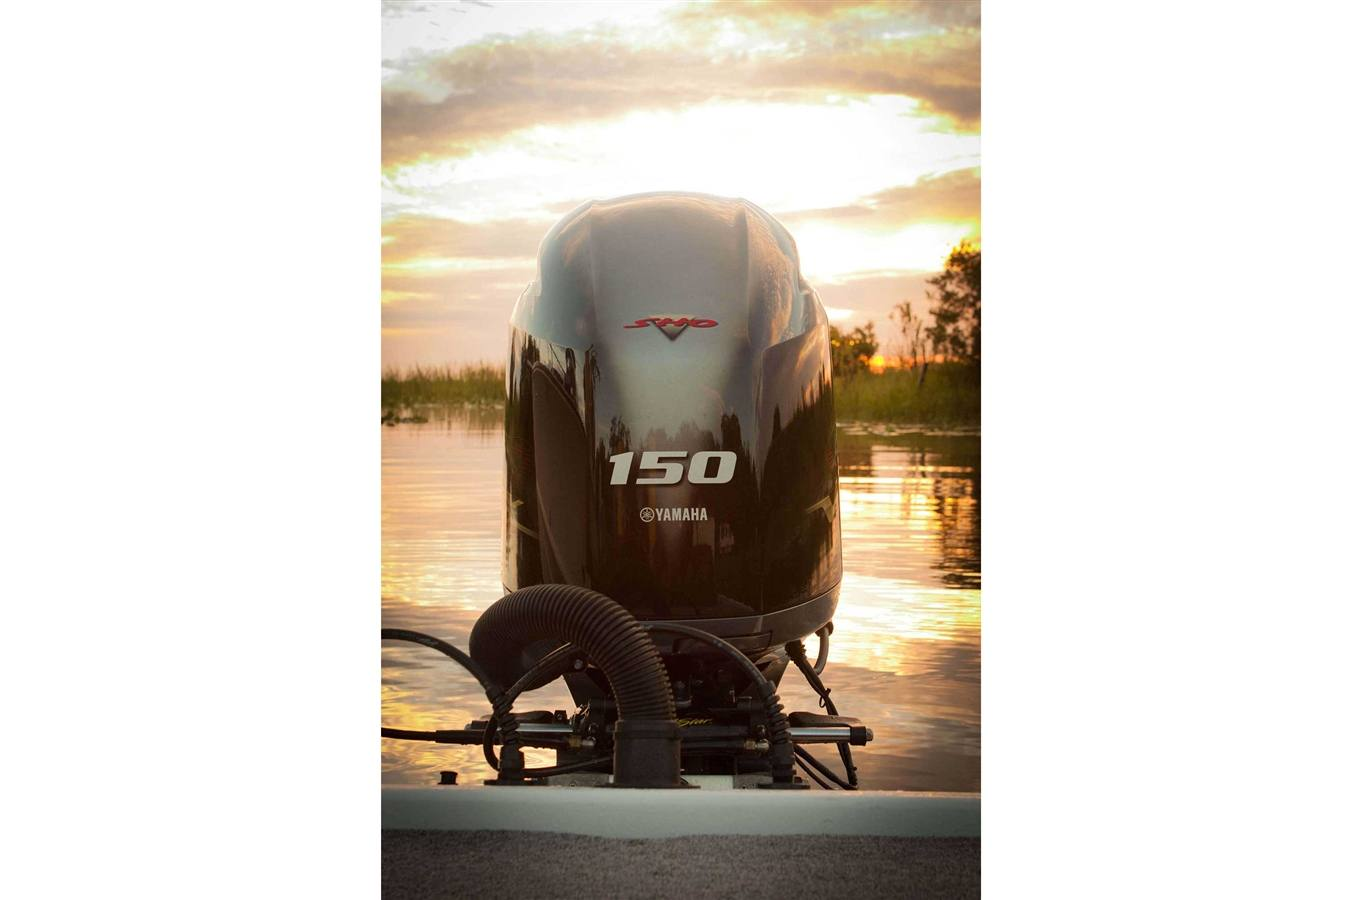 2019 Yamaha Marine VF150 VMAX SHO - 20 in  Shaft